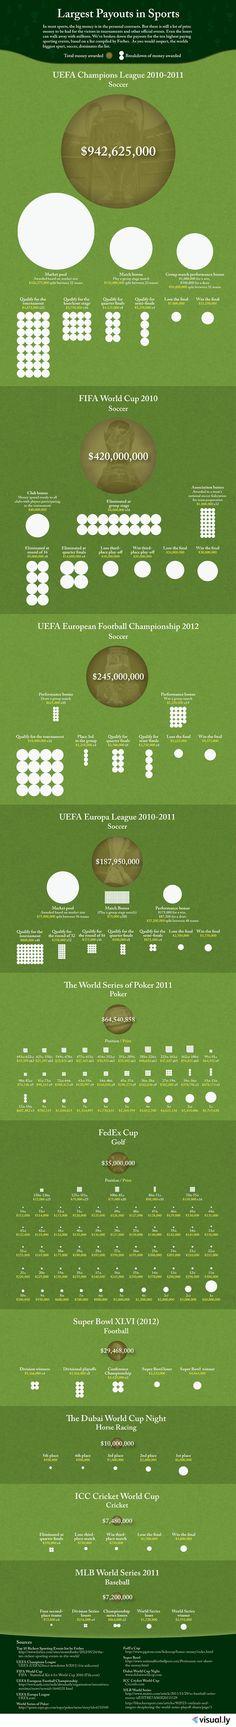 Los eventos deportivos que más dinero reparten en el mundo